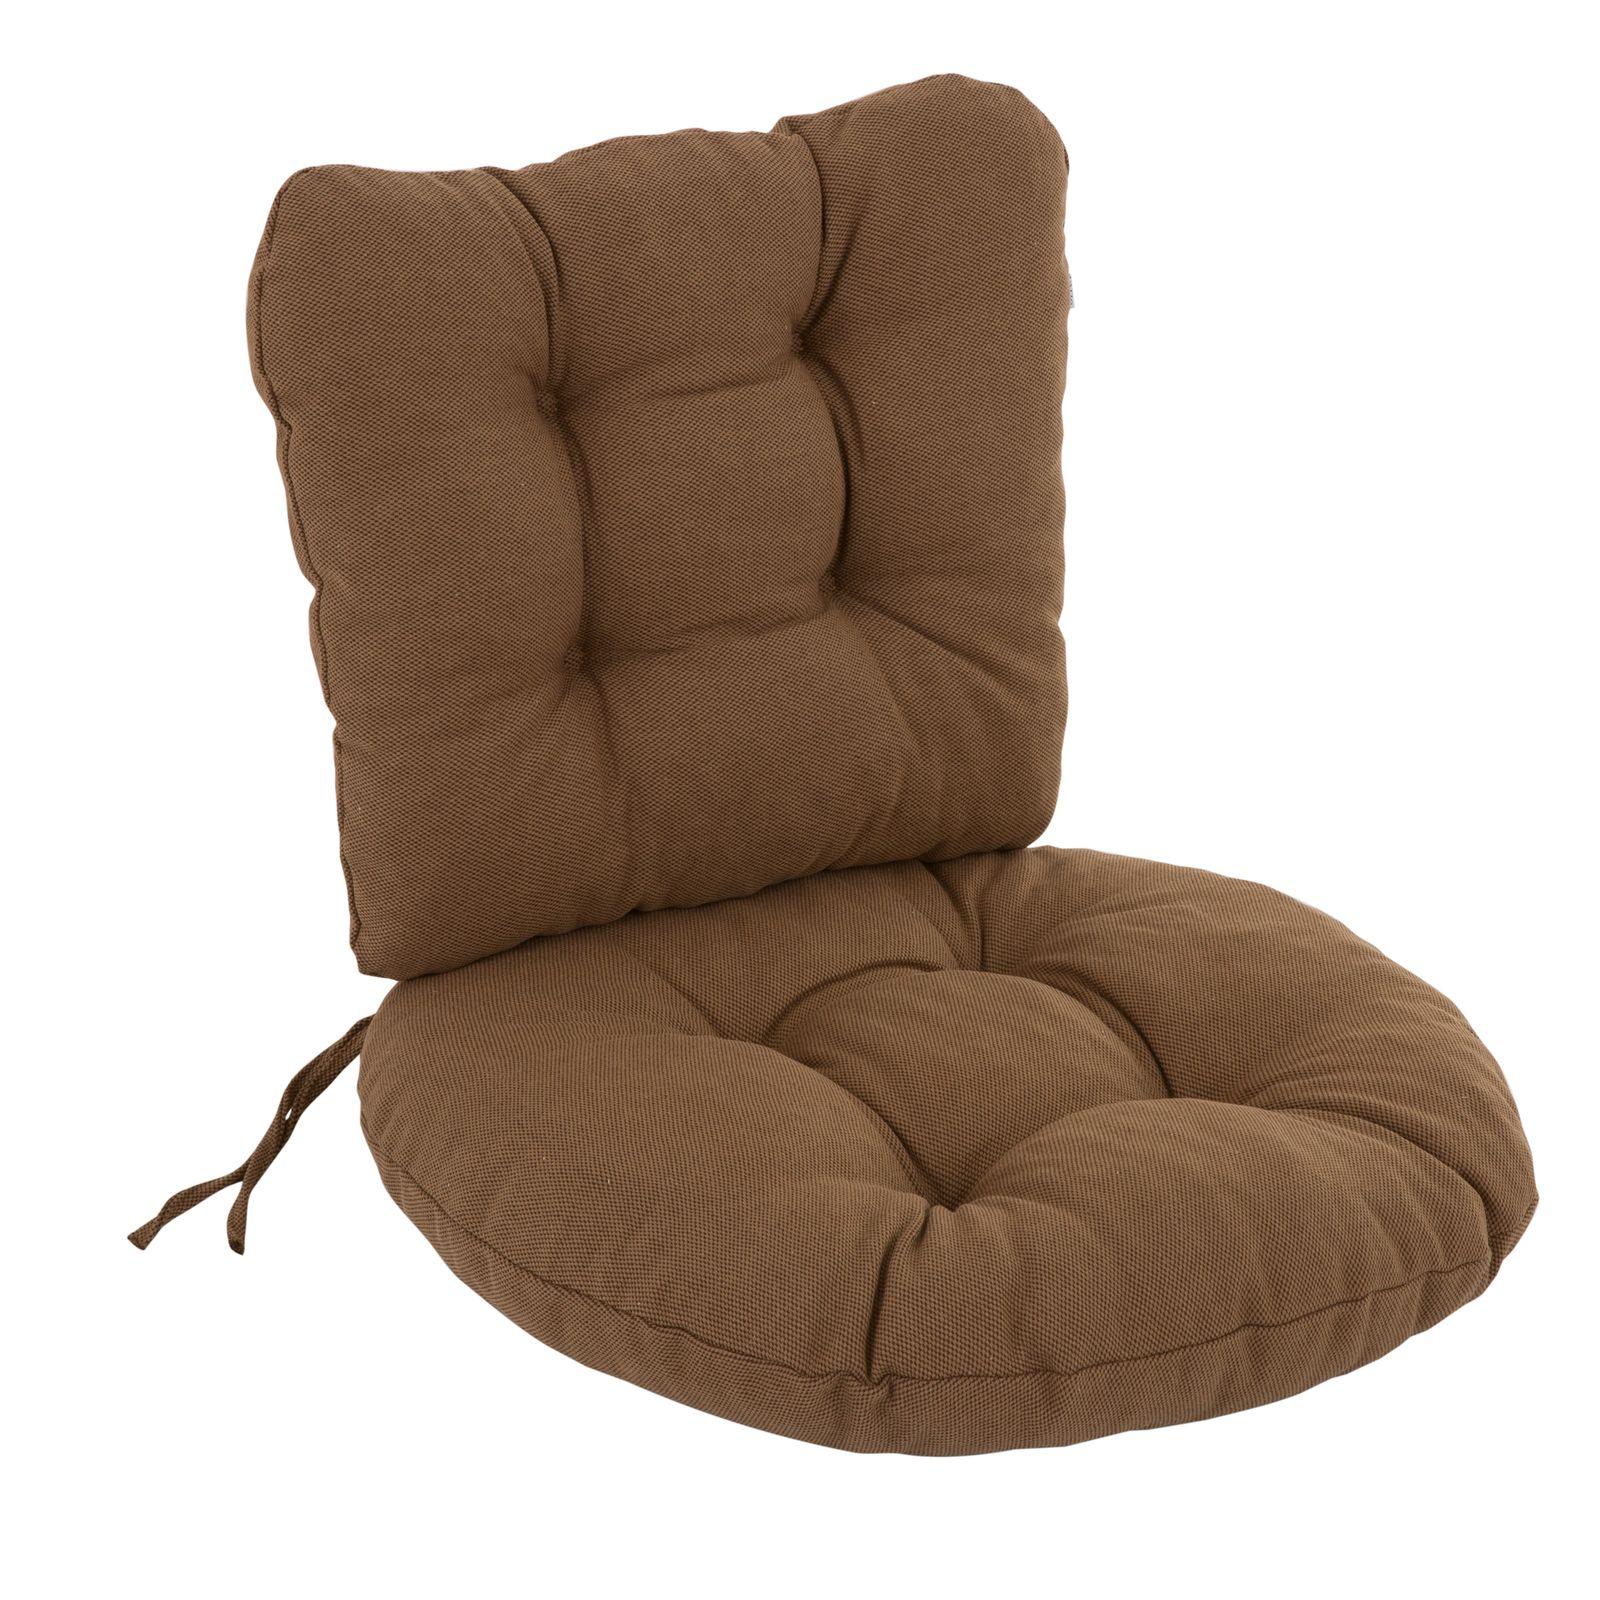 Conjunto de cojines de silla/sillón 55 cm Marocco D010-04BB PATIO